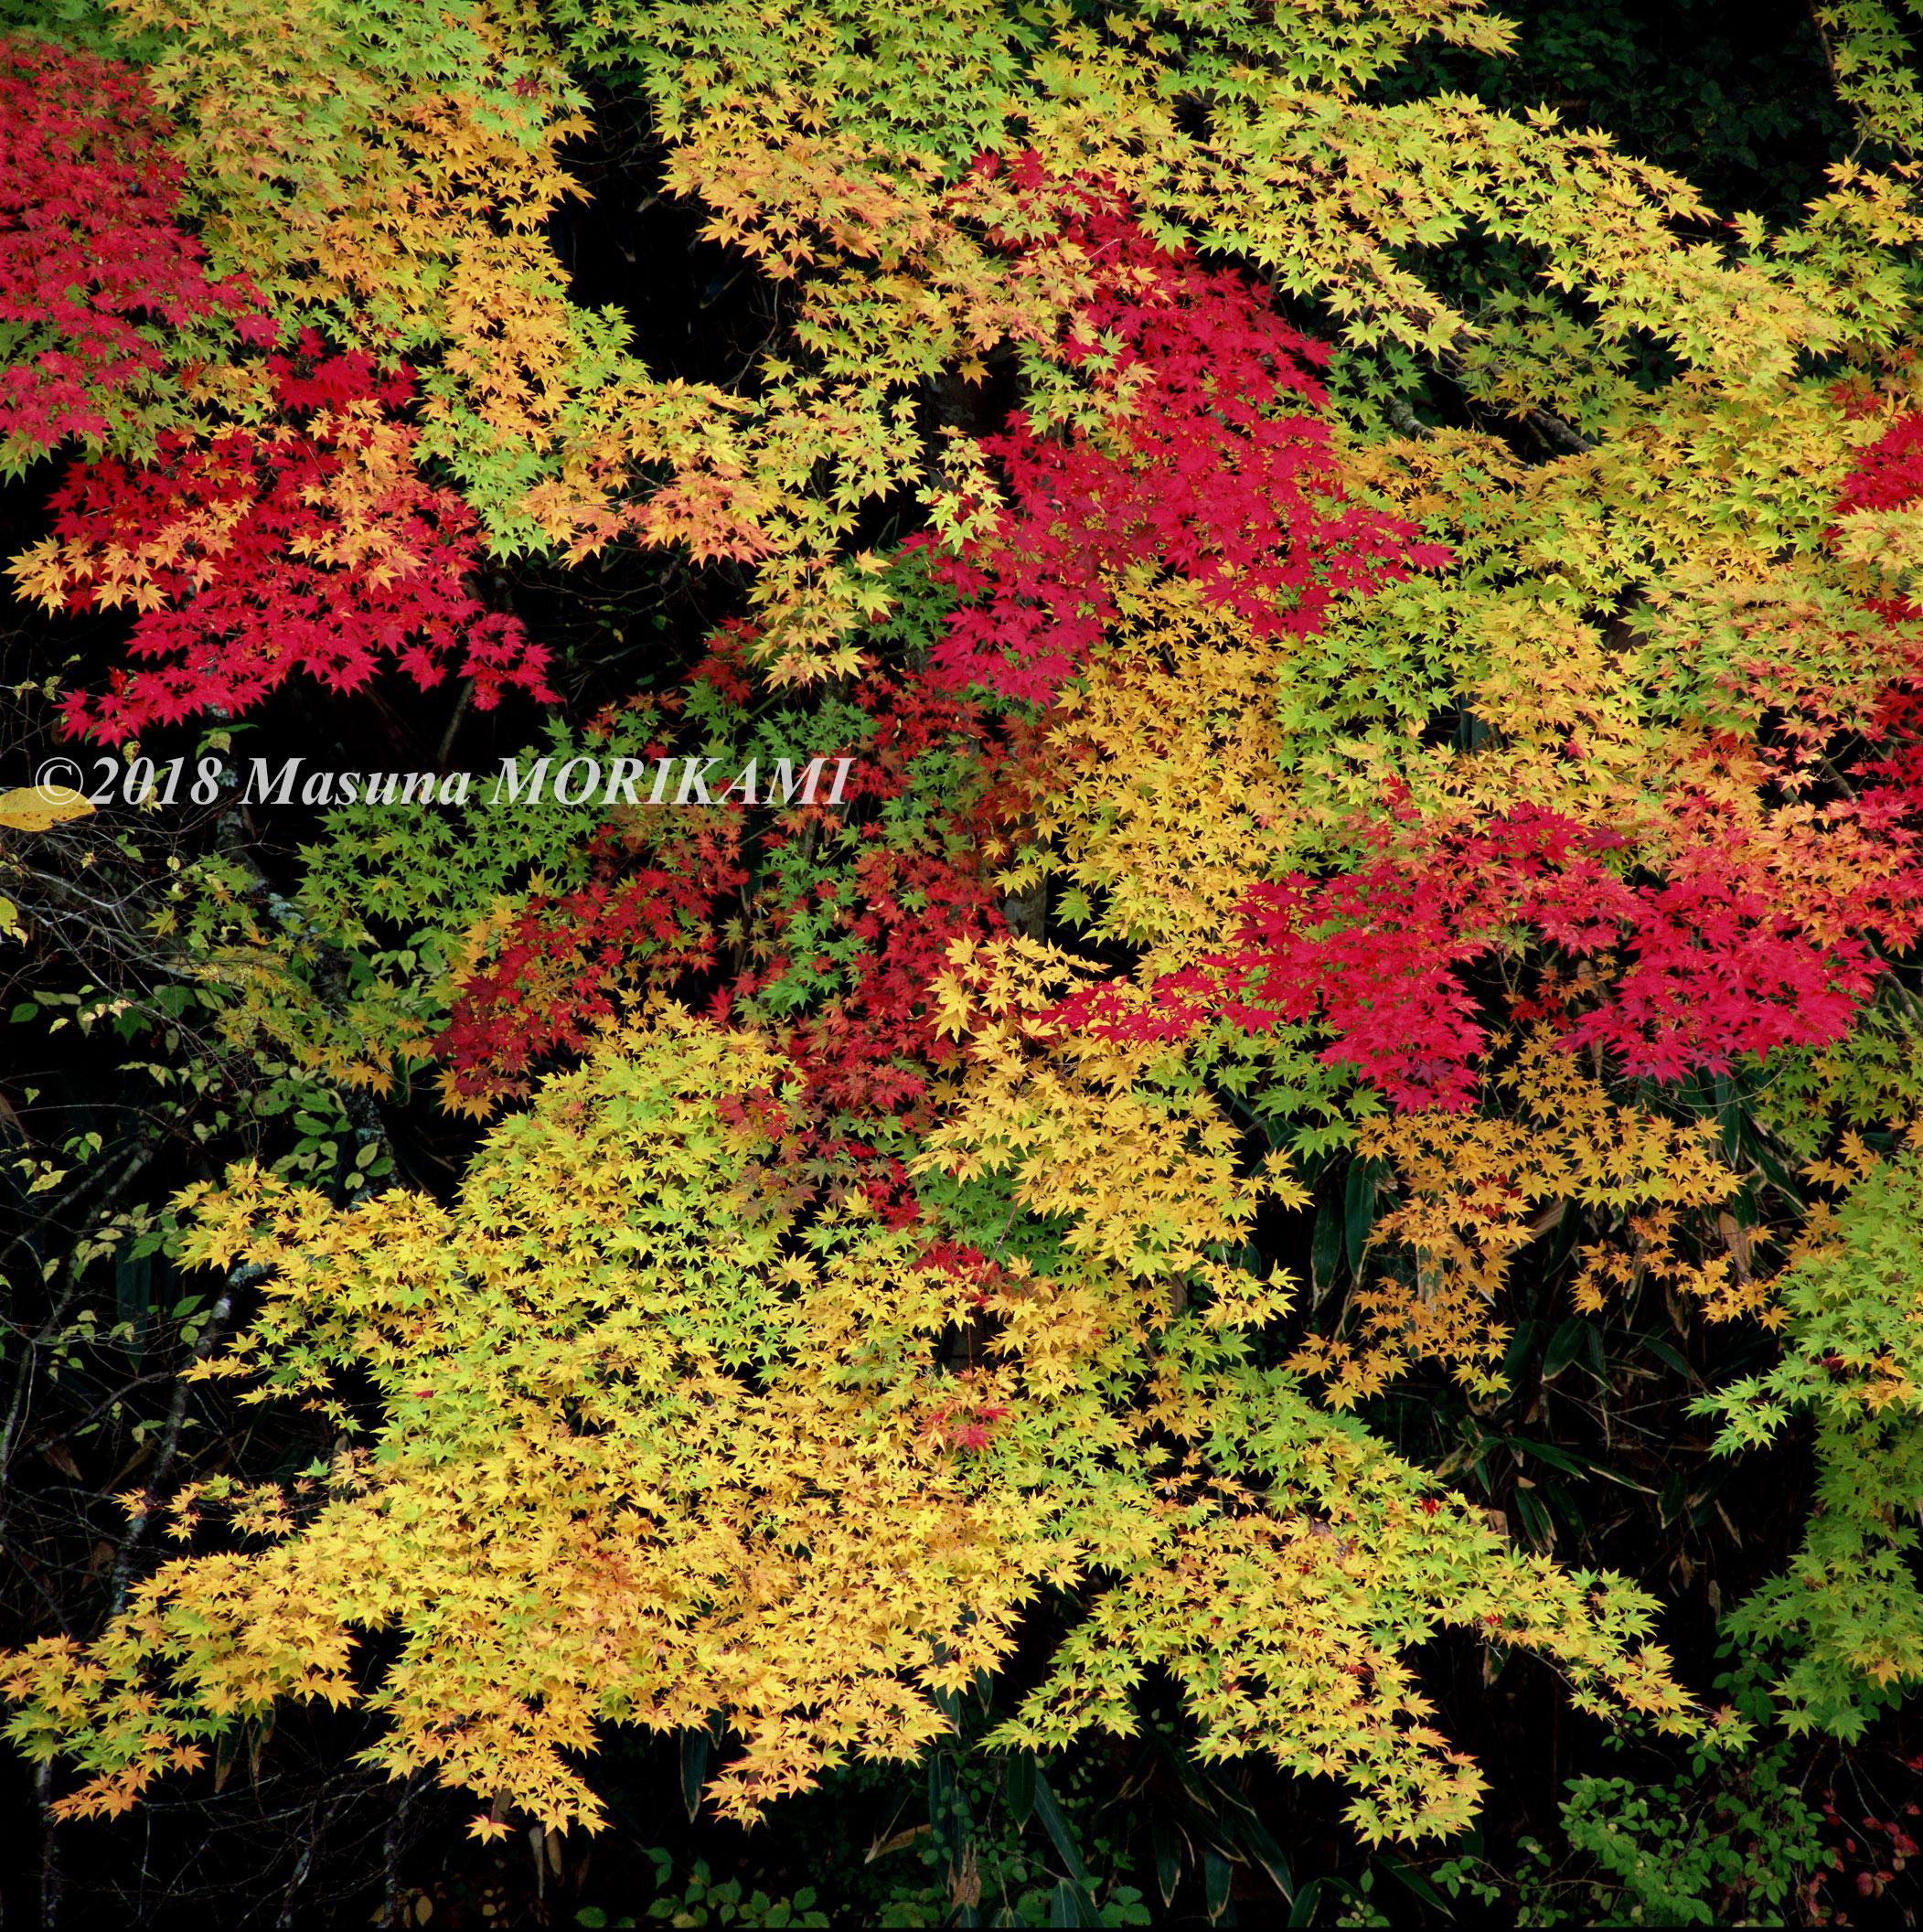 13 色うつり/愛知県豊根村/2006.11.4 16:23